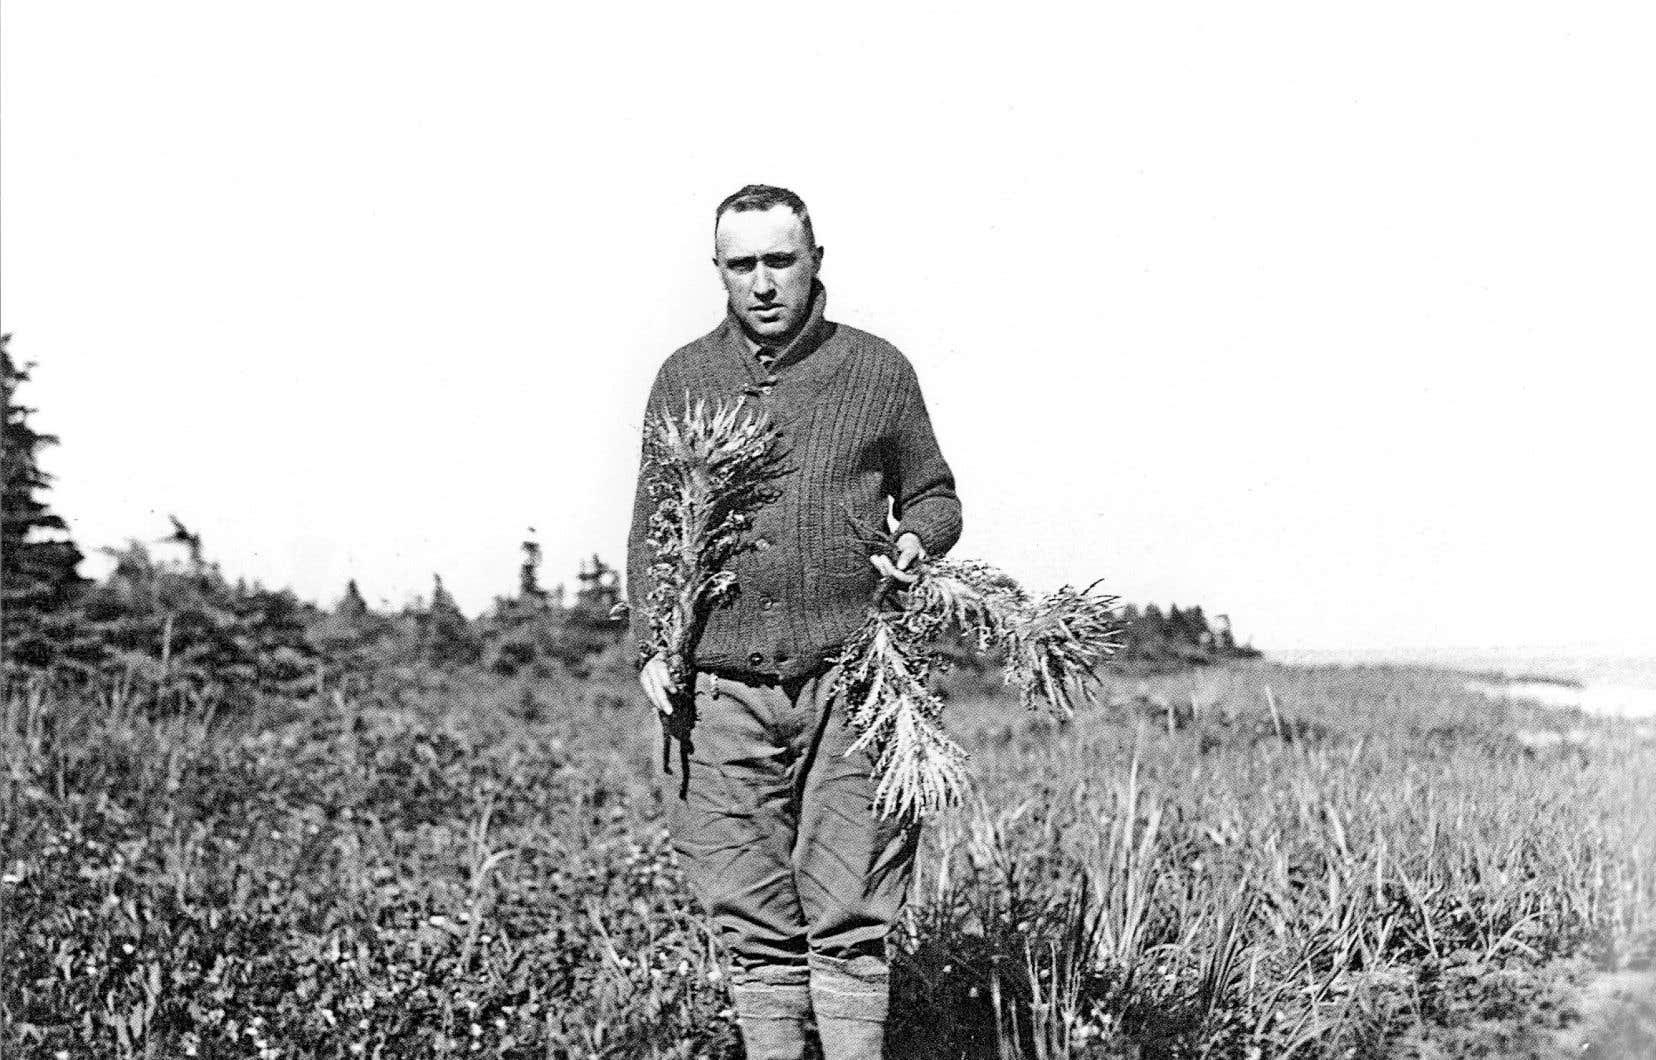 Le connaissant surtout comme le fondateur du Jardin botanique de Montréal et l'auteur de la «Flore laurentienne», on oublie que le frère Marie-Victorina aussi promu les droits des Canadiens français.